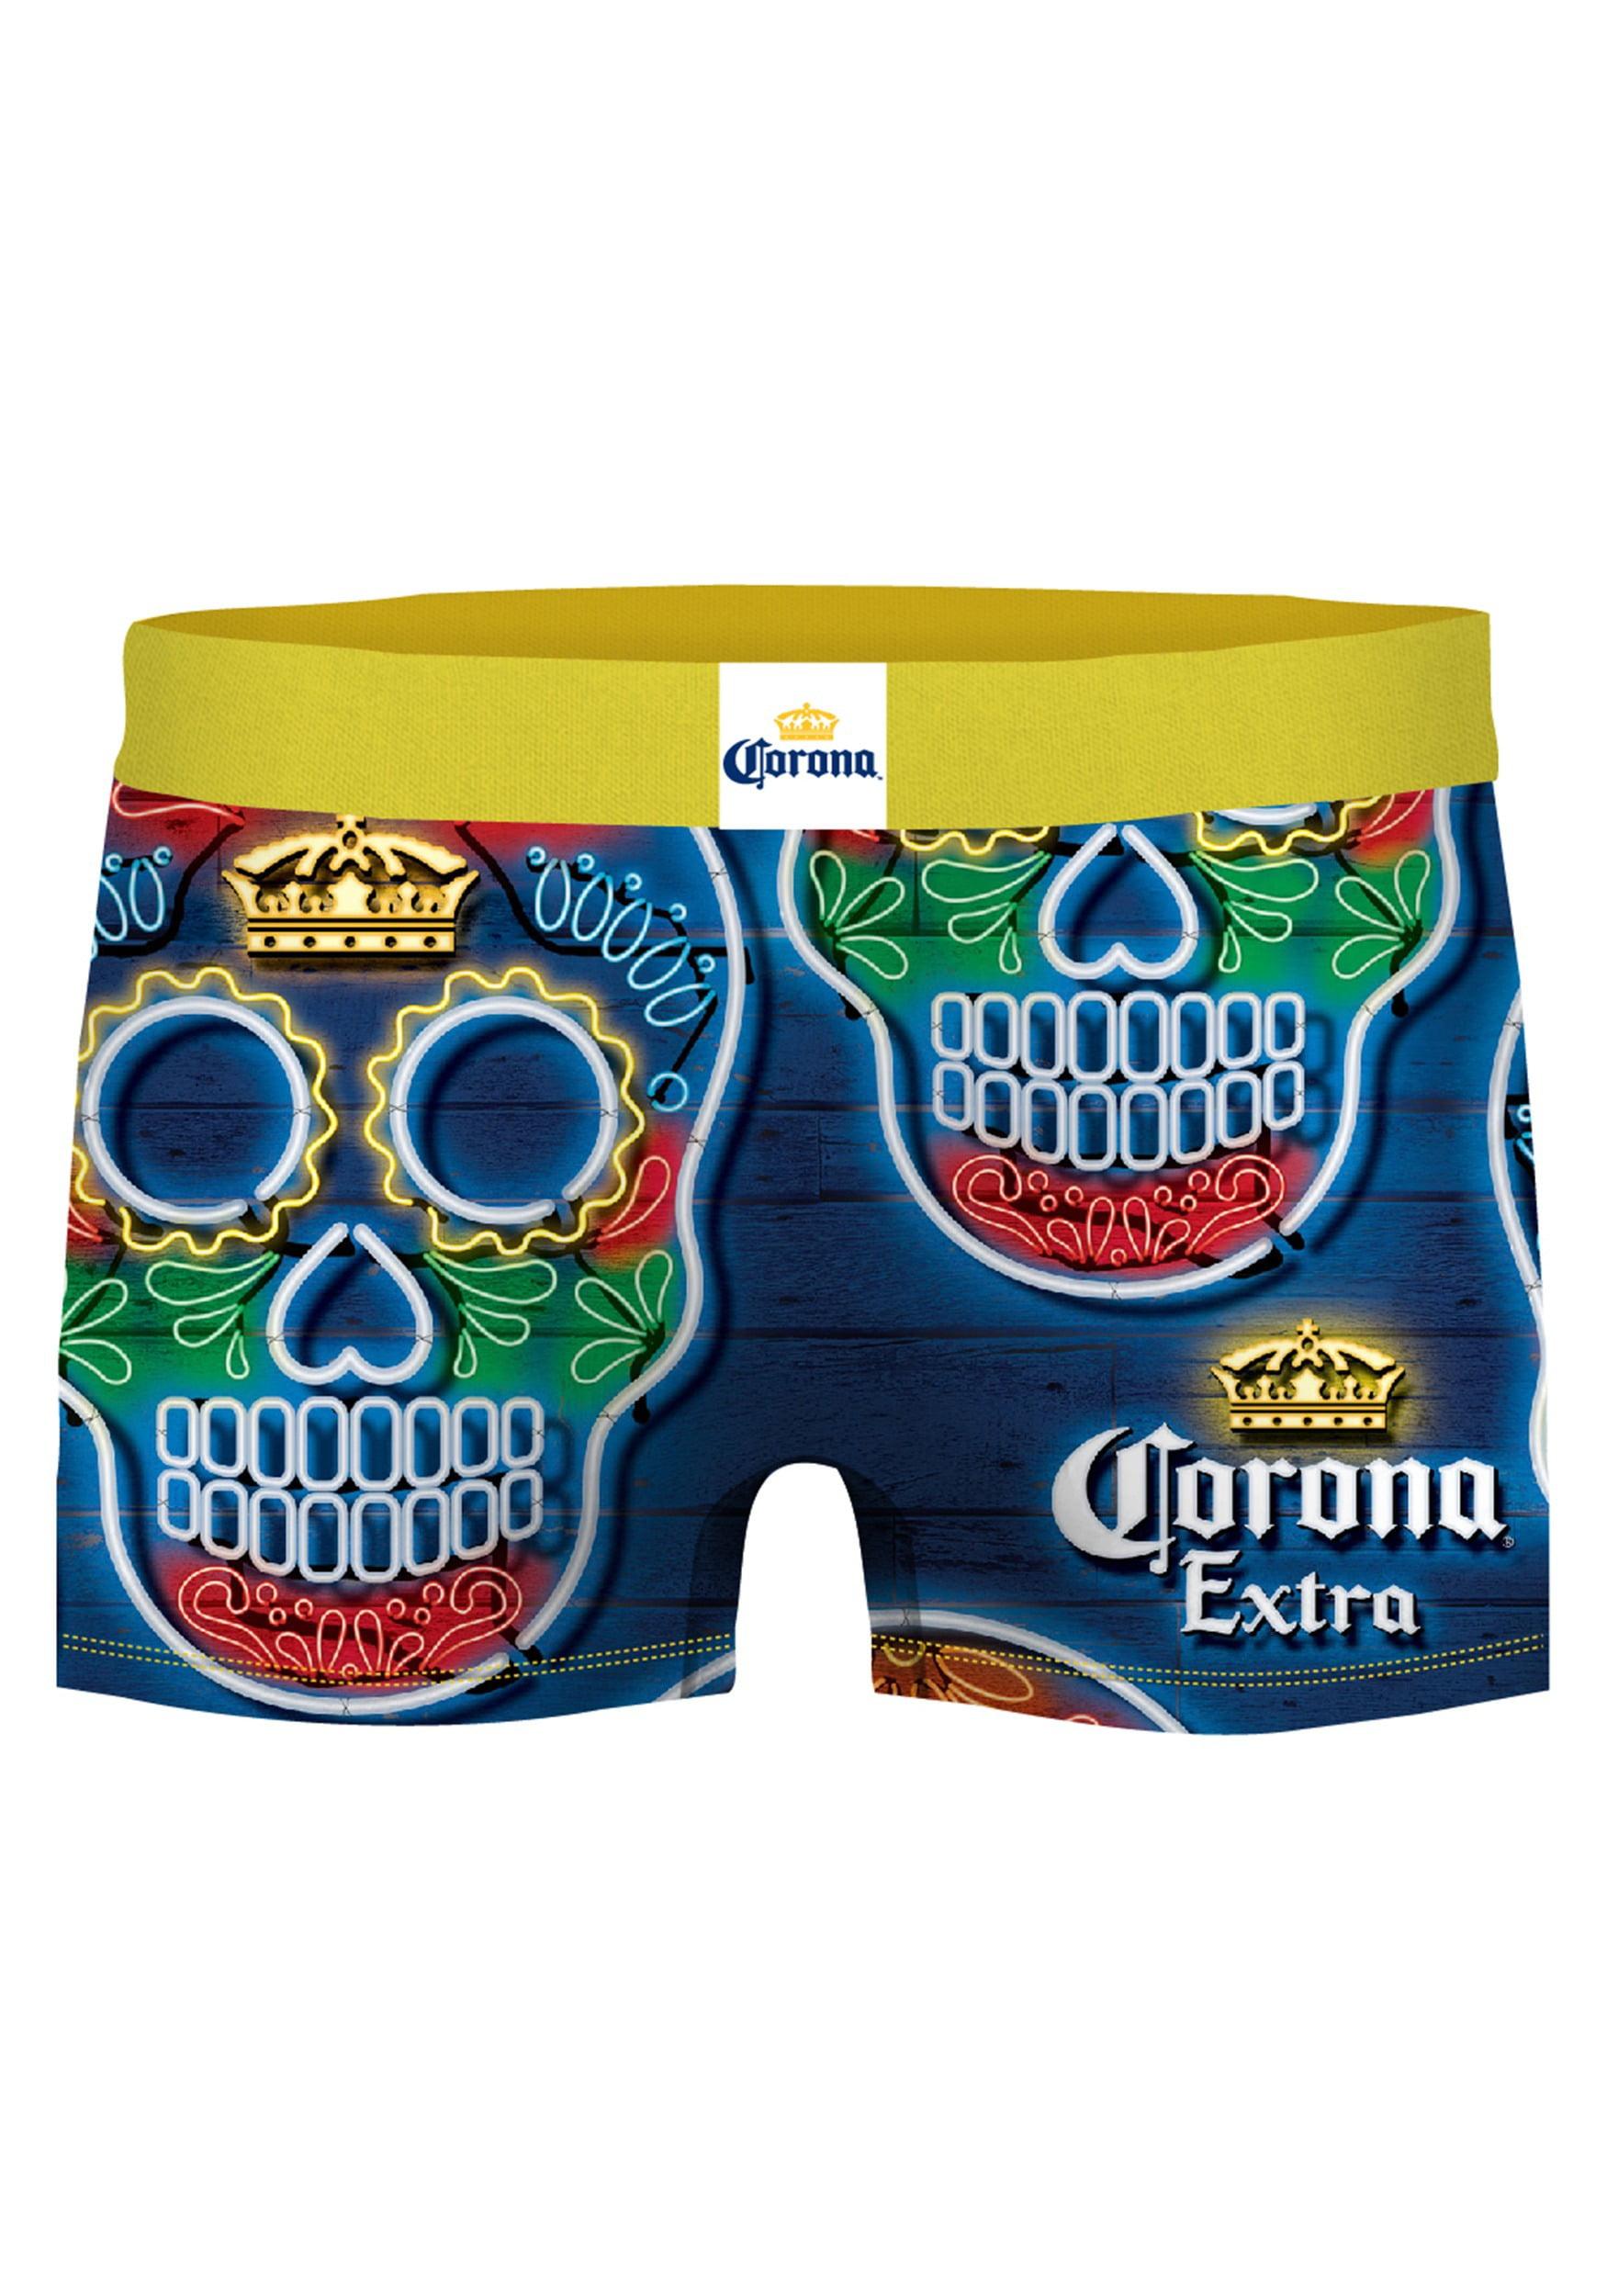 Mens 2-Pack Boxer Briefs Polyester Underwear Trunk Underwear with Sugar Skulls Design